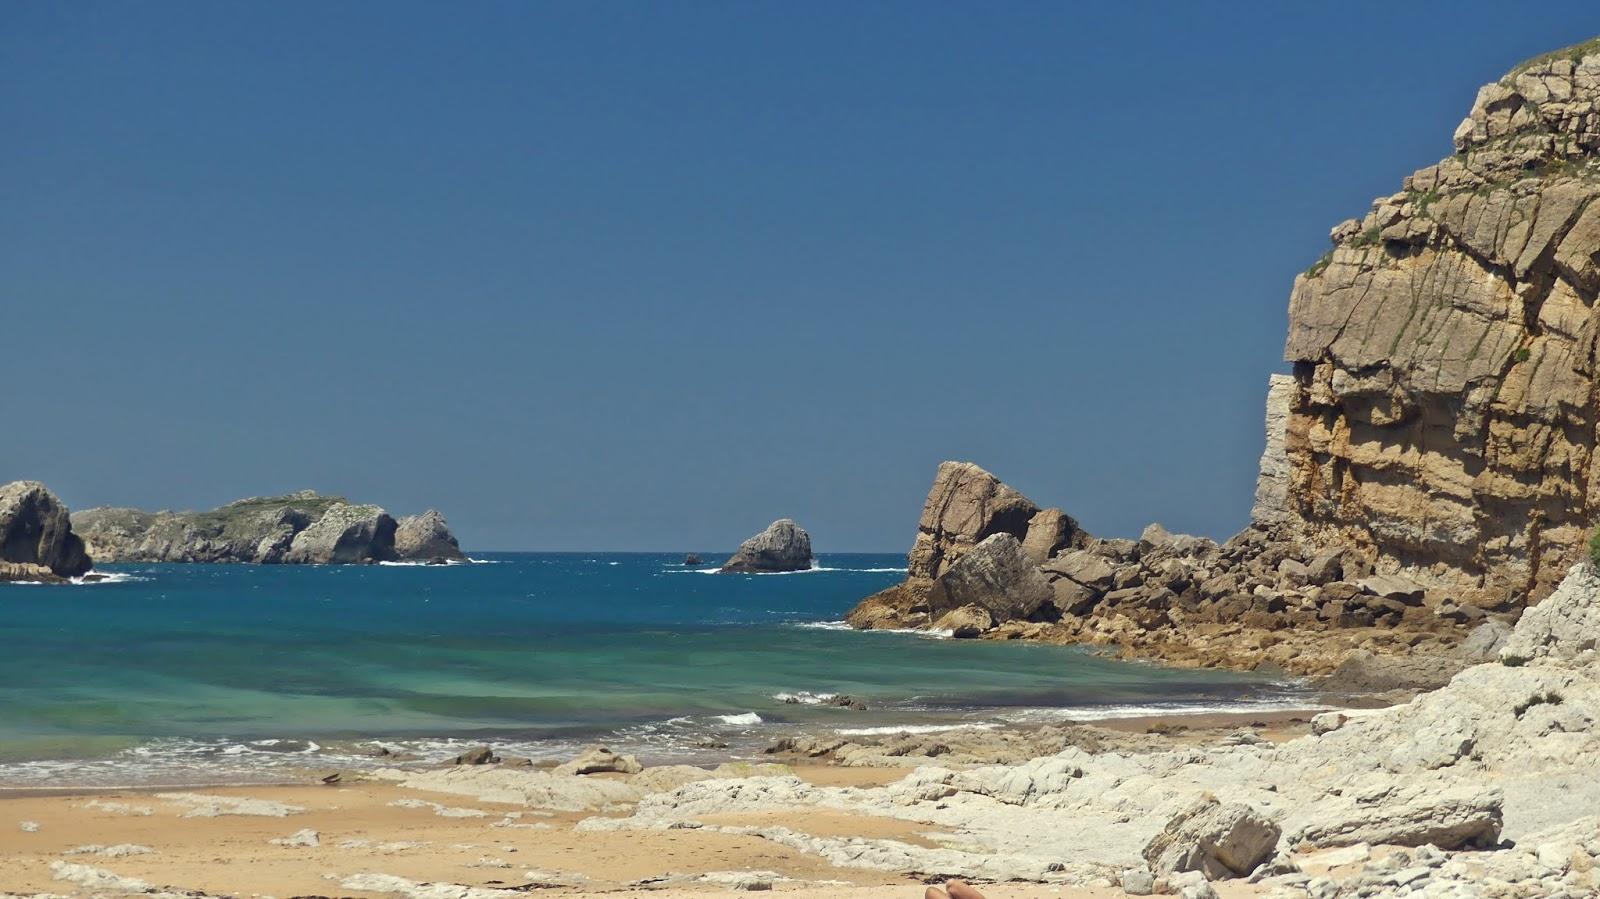 Playa del Portio Santander plaża